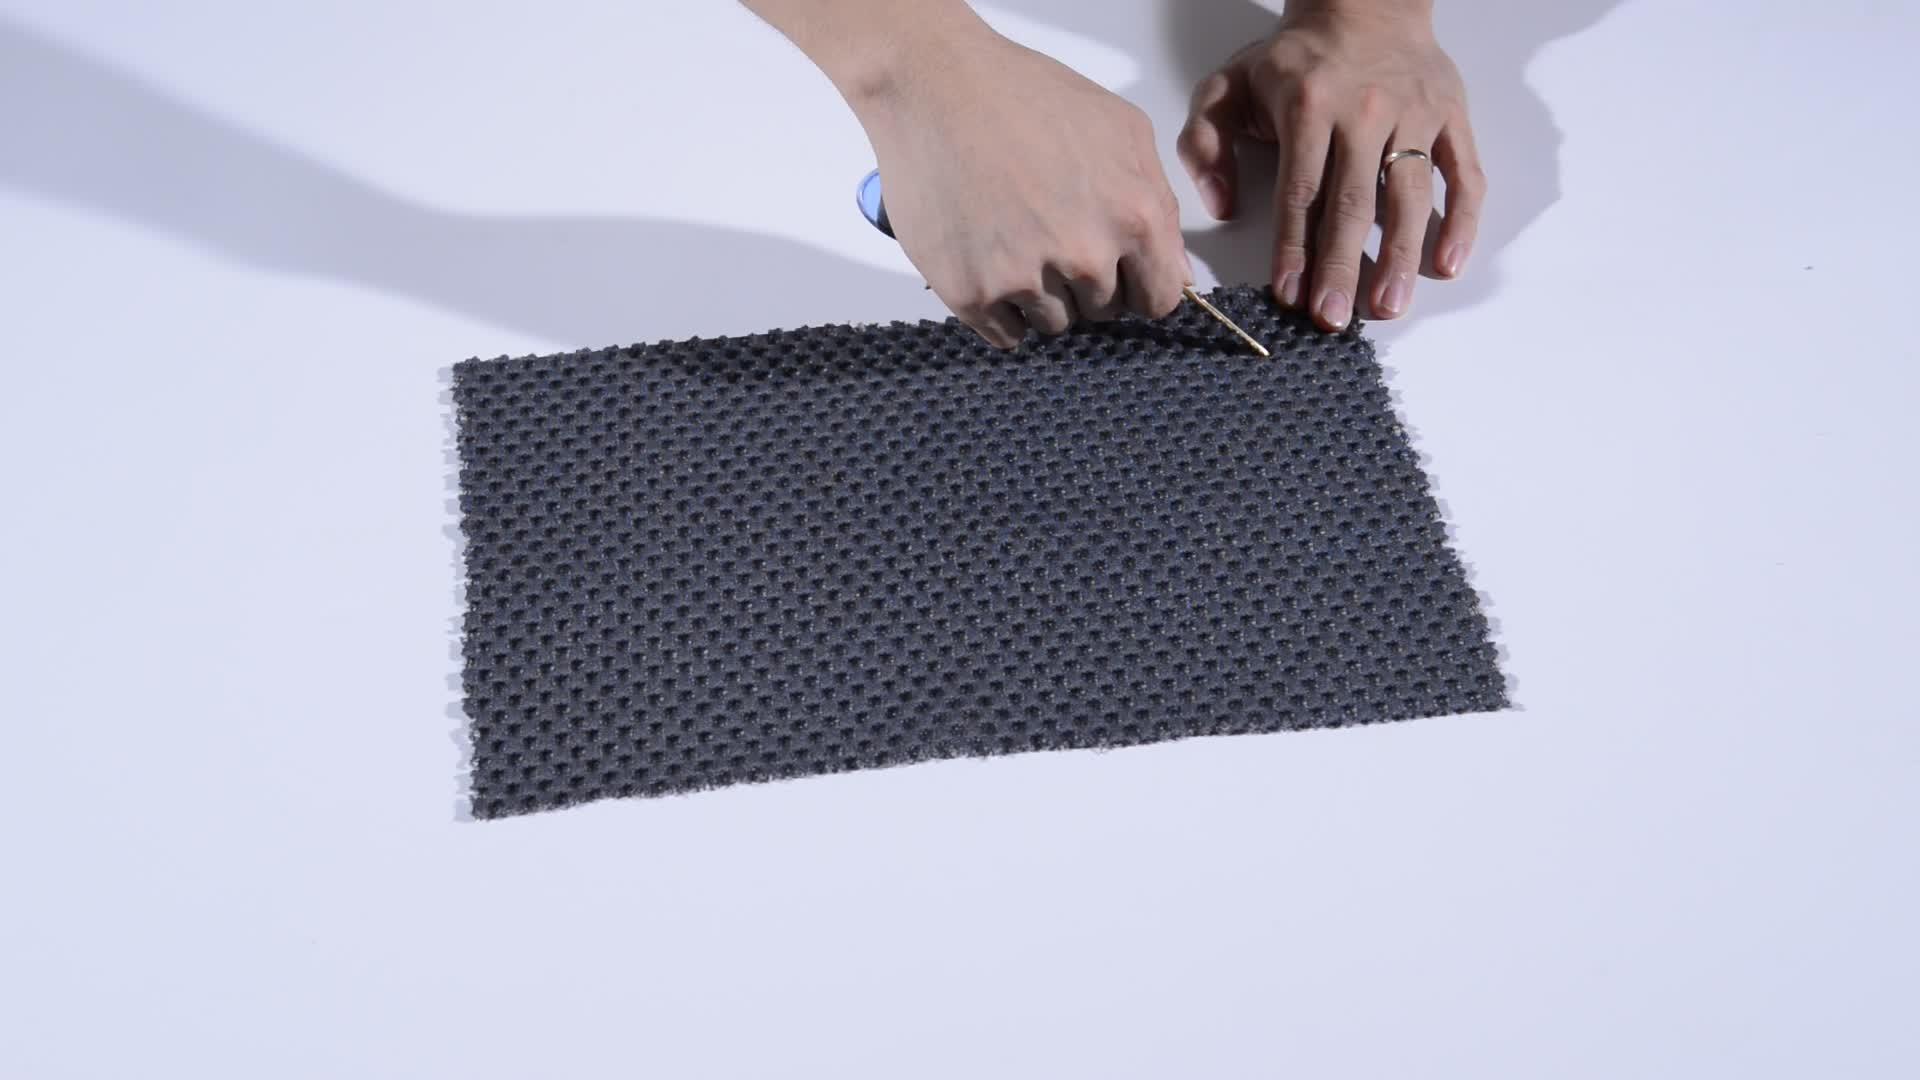 エコテックス卸売格安冷却 100% ポリエステル 3D スペーサーエアメッシュ生地新生児ベッドカバーベビーベッドマットレスパッドから Anran